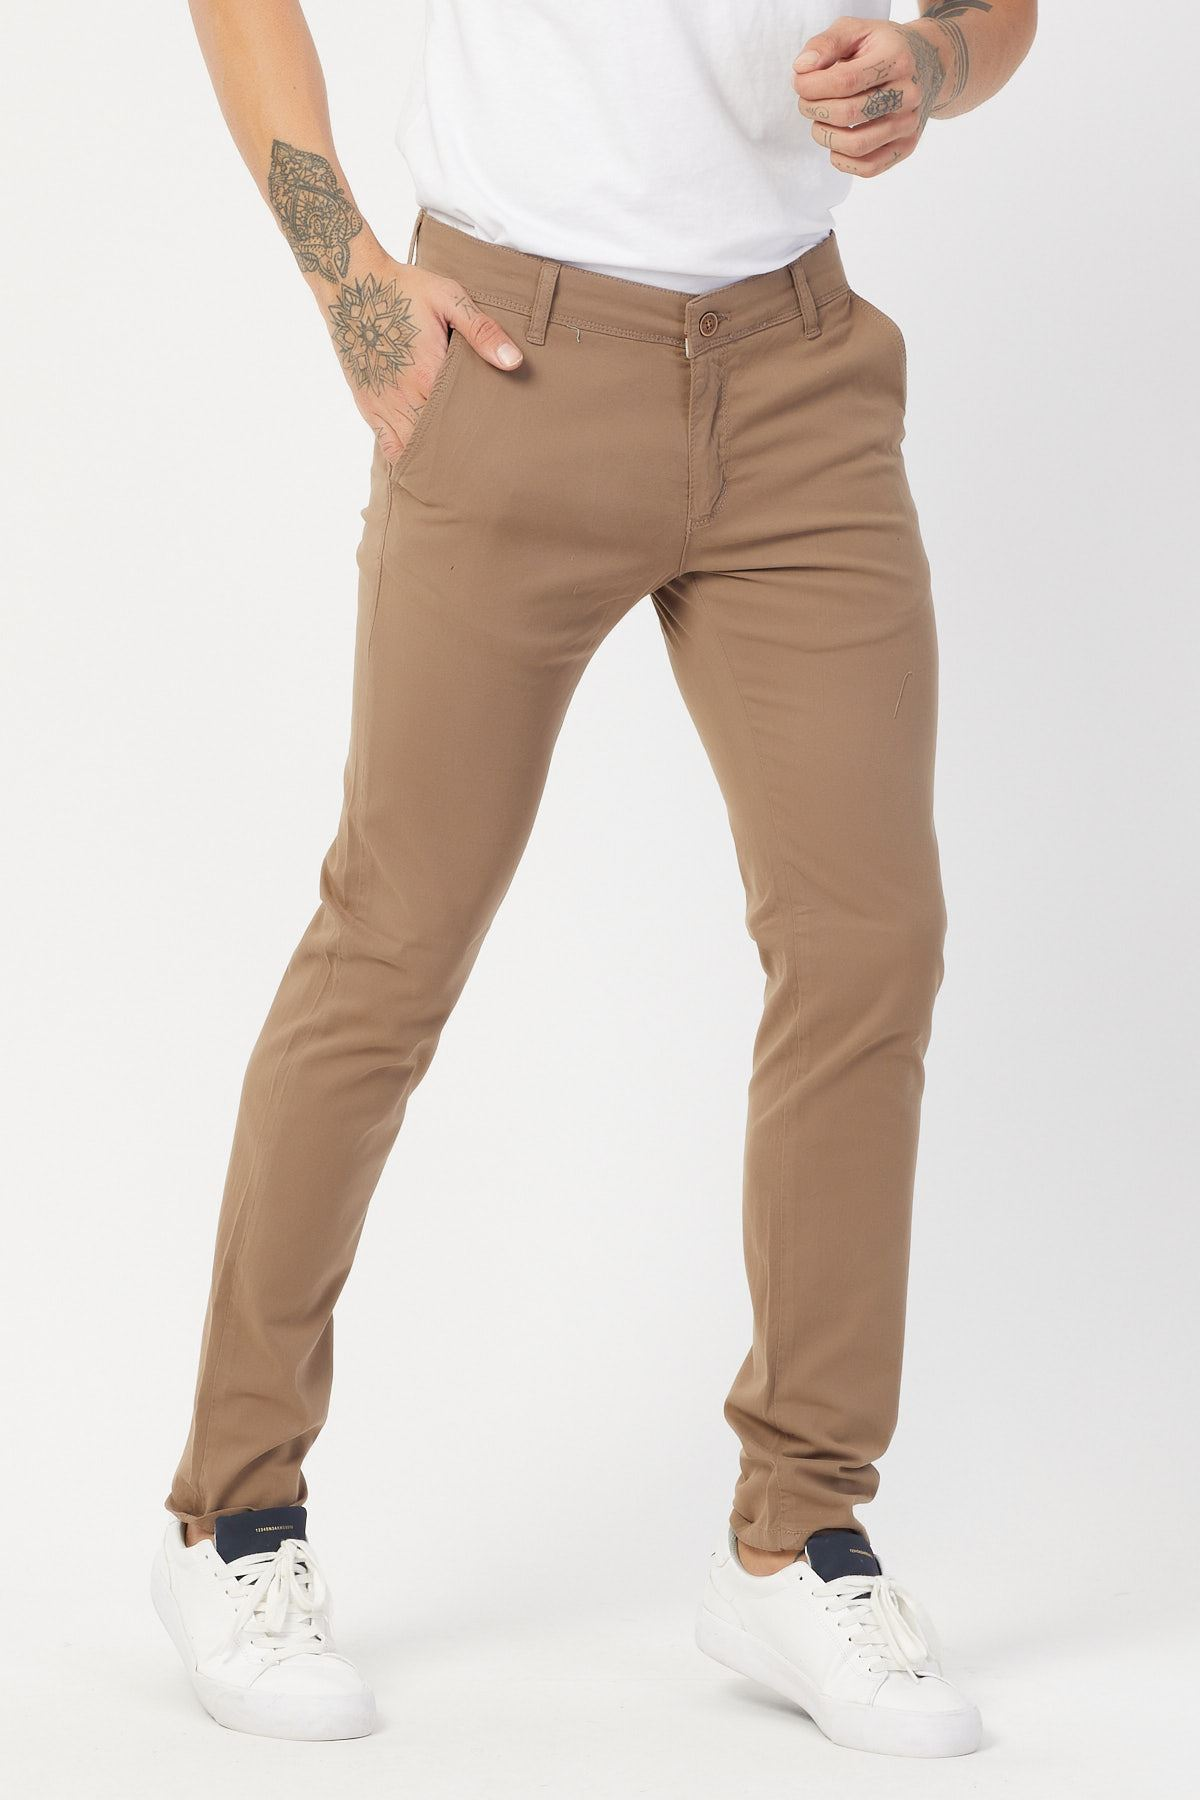 Yandan Cepli Bej Keten Pantolon